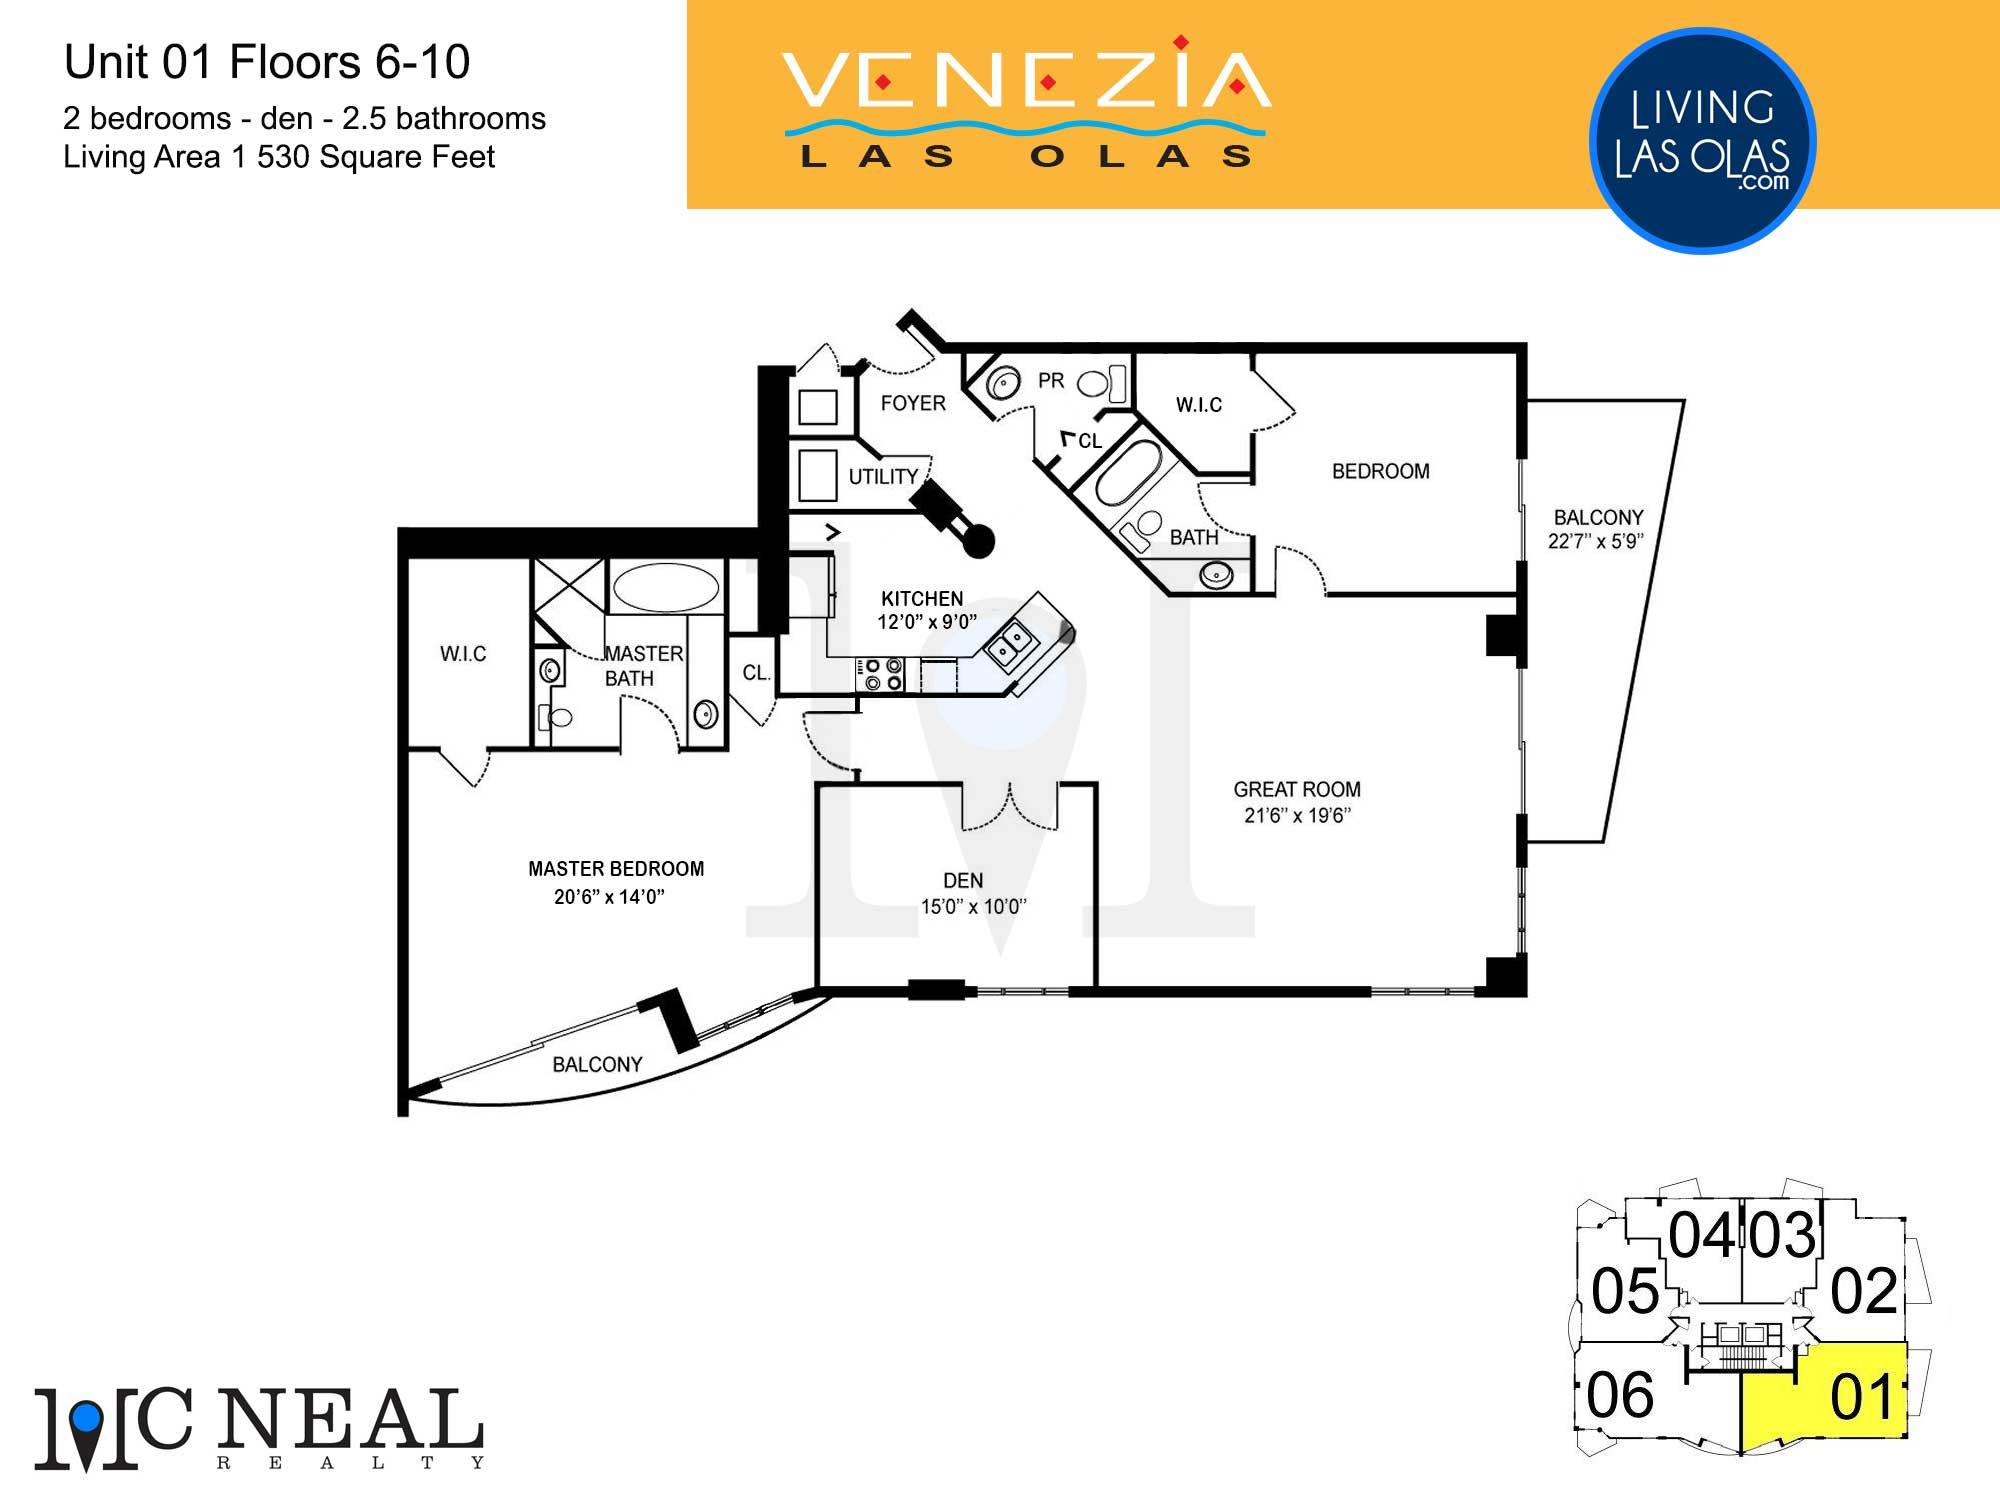 Venezia Las Olas Floor Plans 5-10 Unit 1